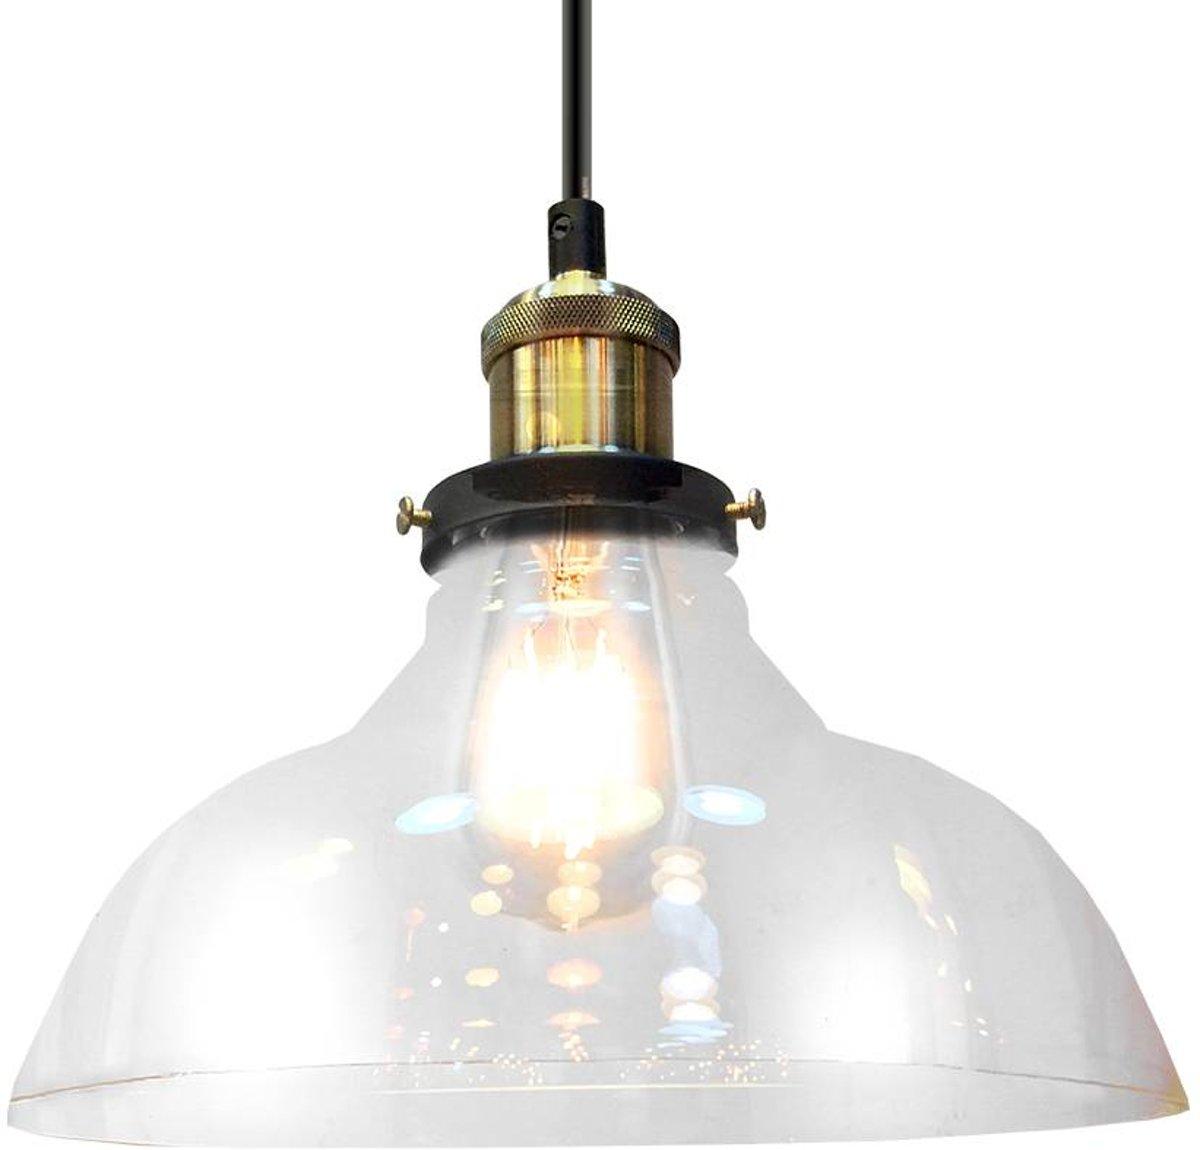 Hanglamp glas transparant e27 25cm